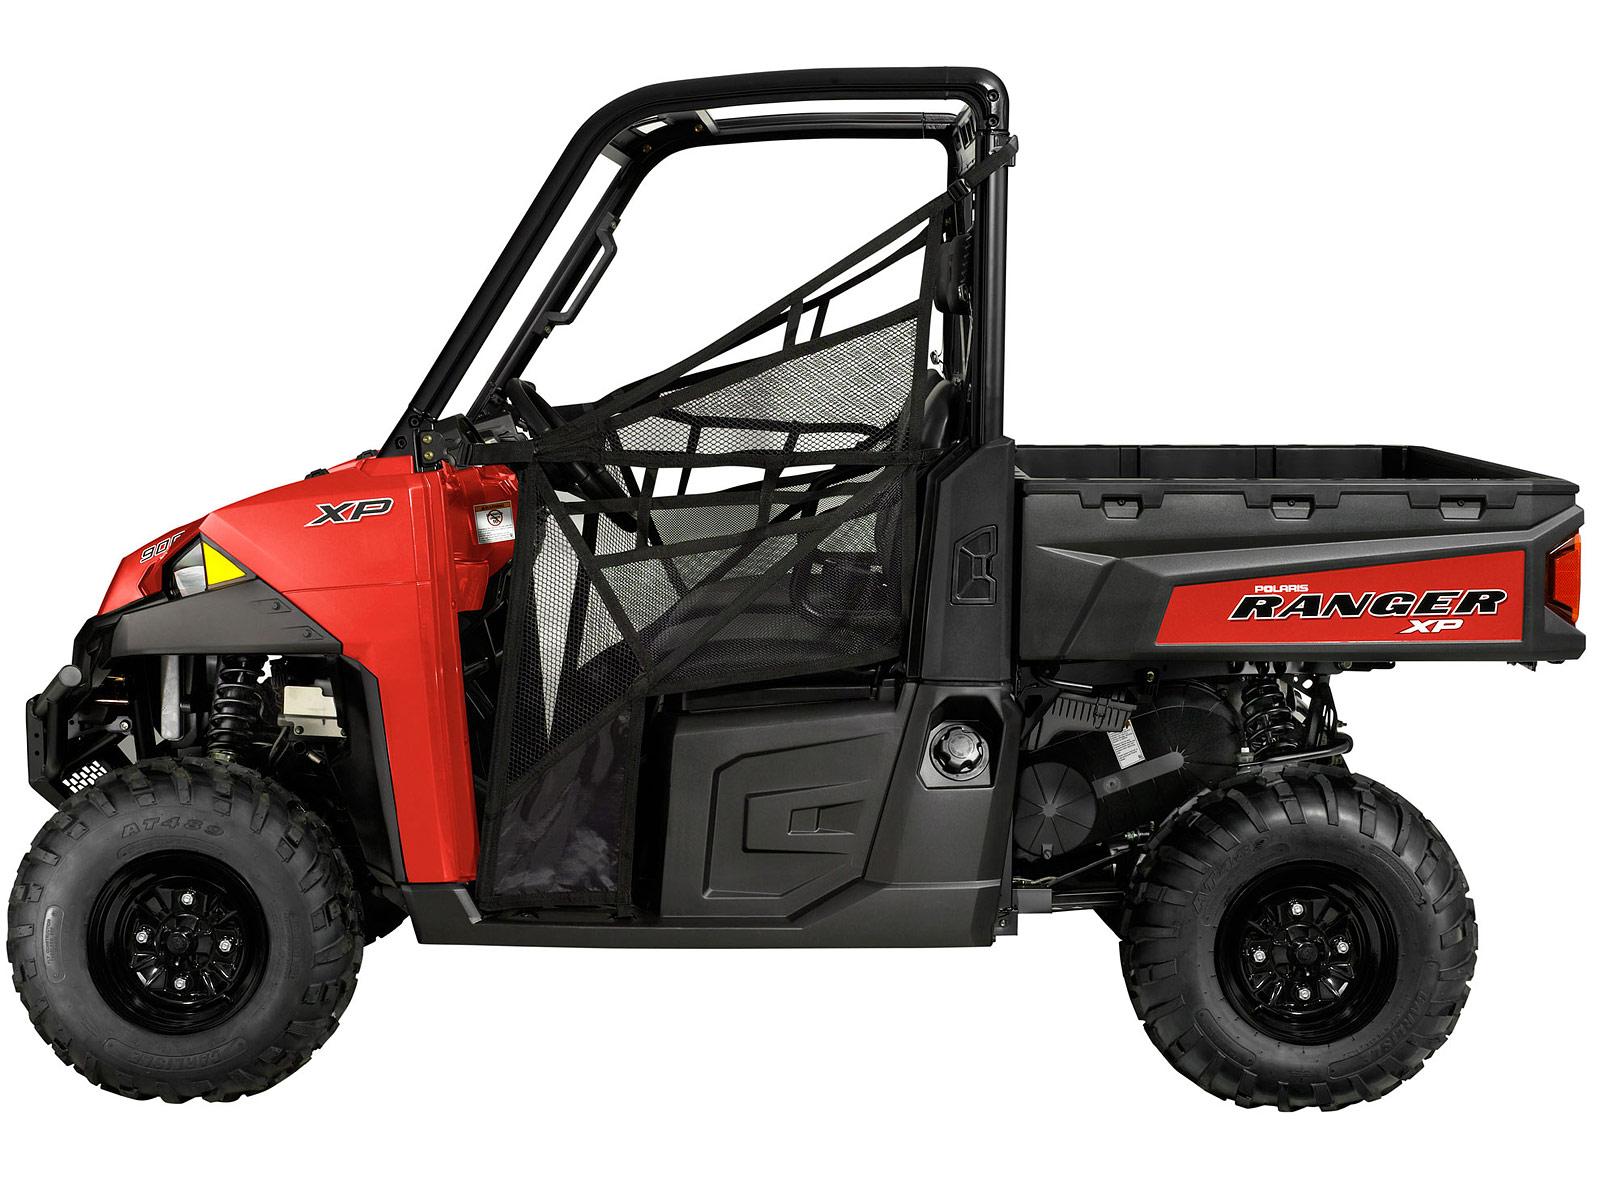 Polaris Ranger 400/700/800/900